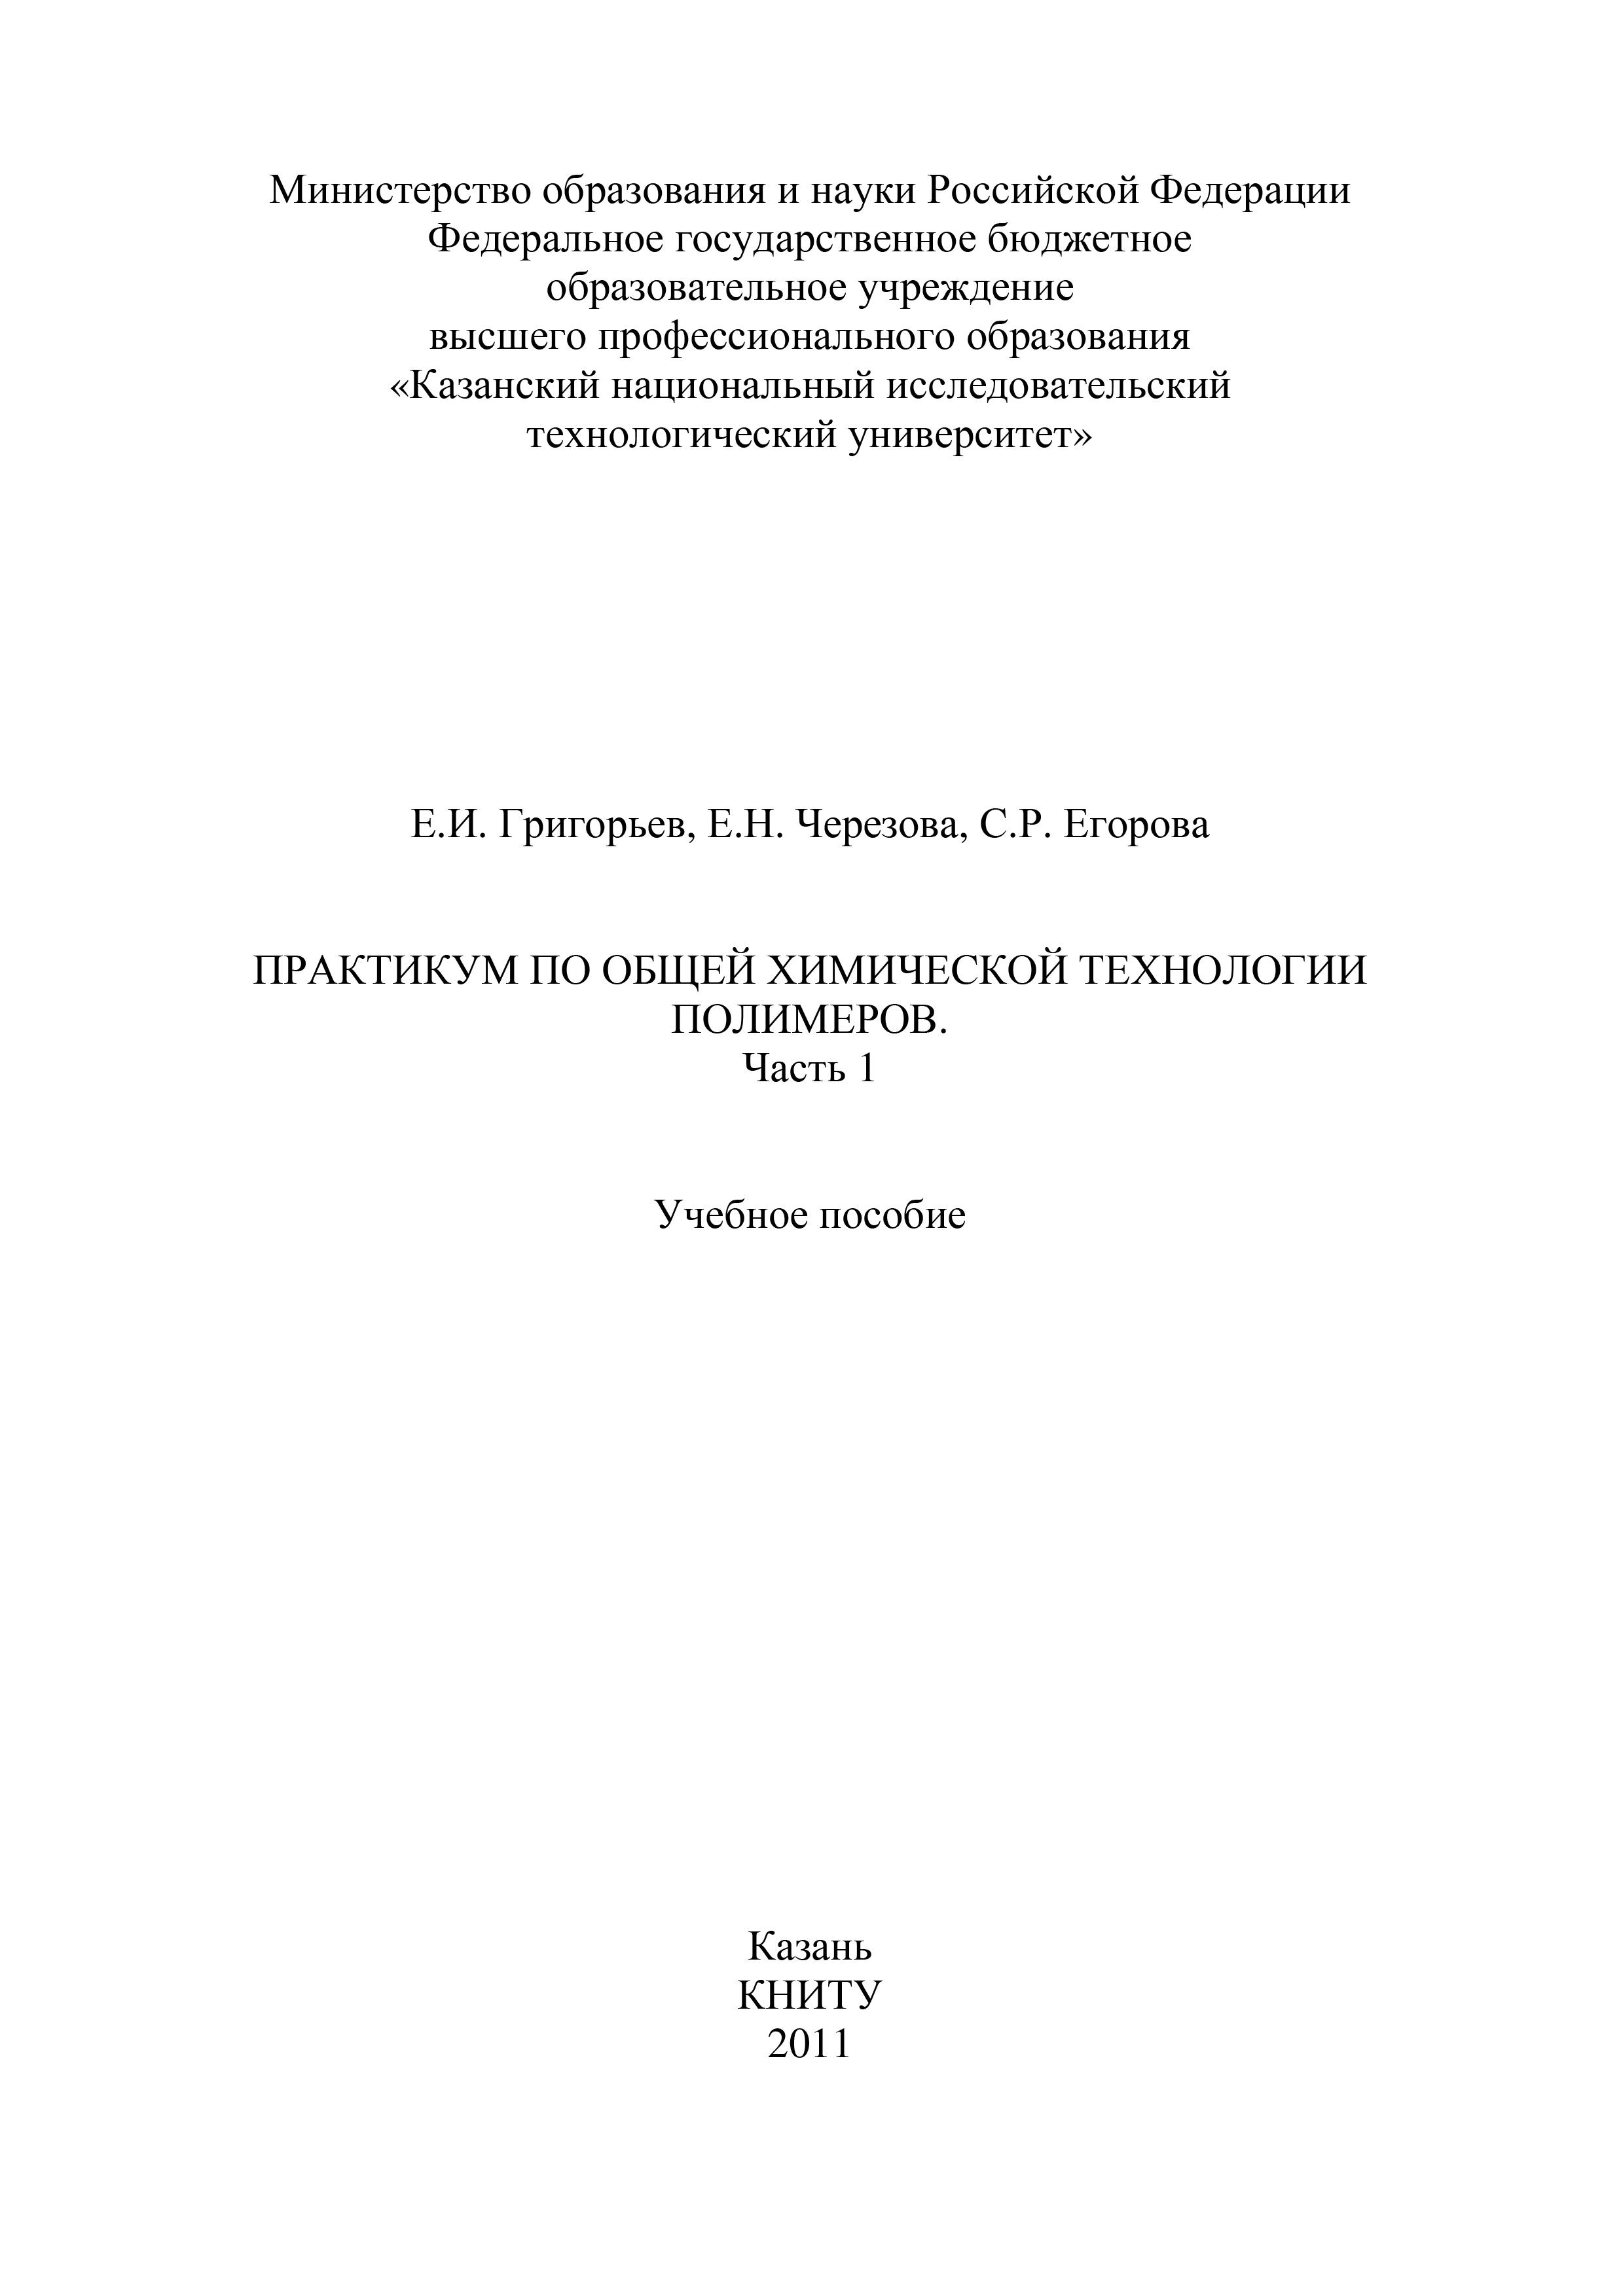 Практикум по общей химической технологии полимеров. Часть 1